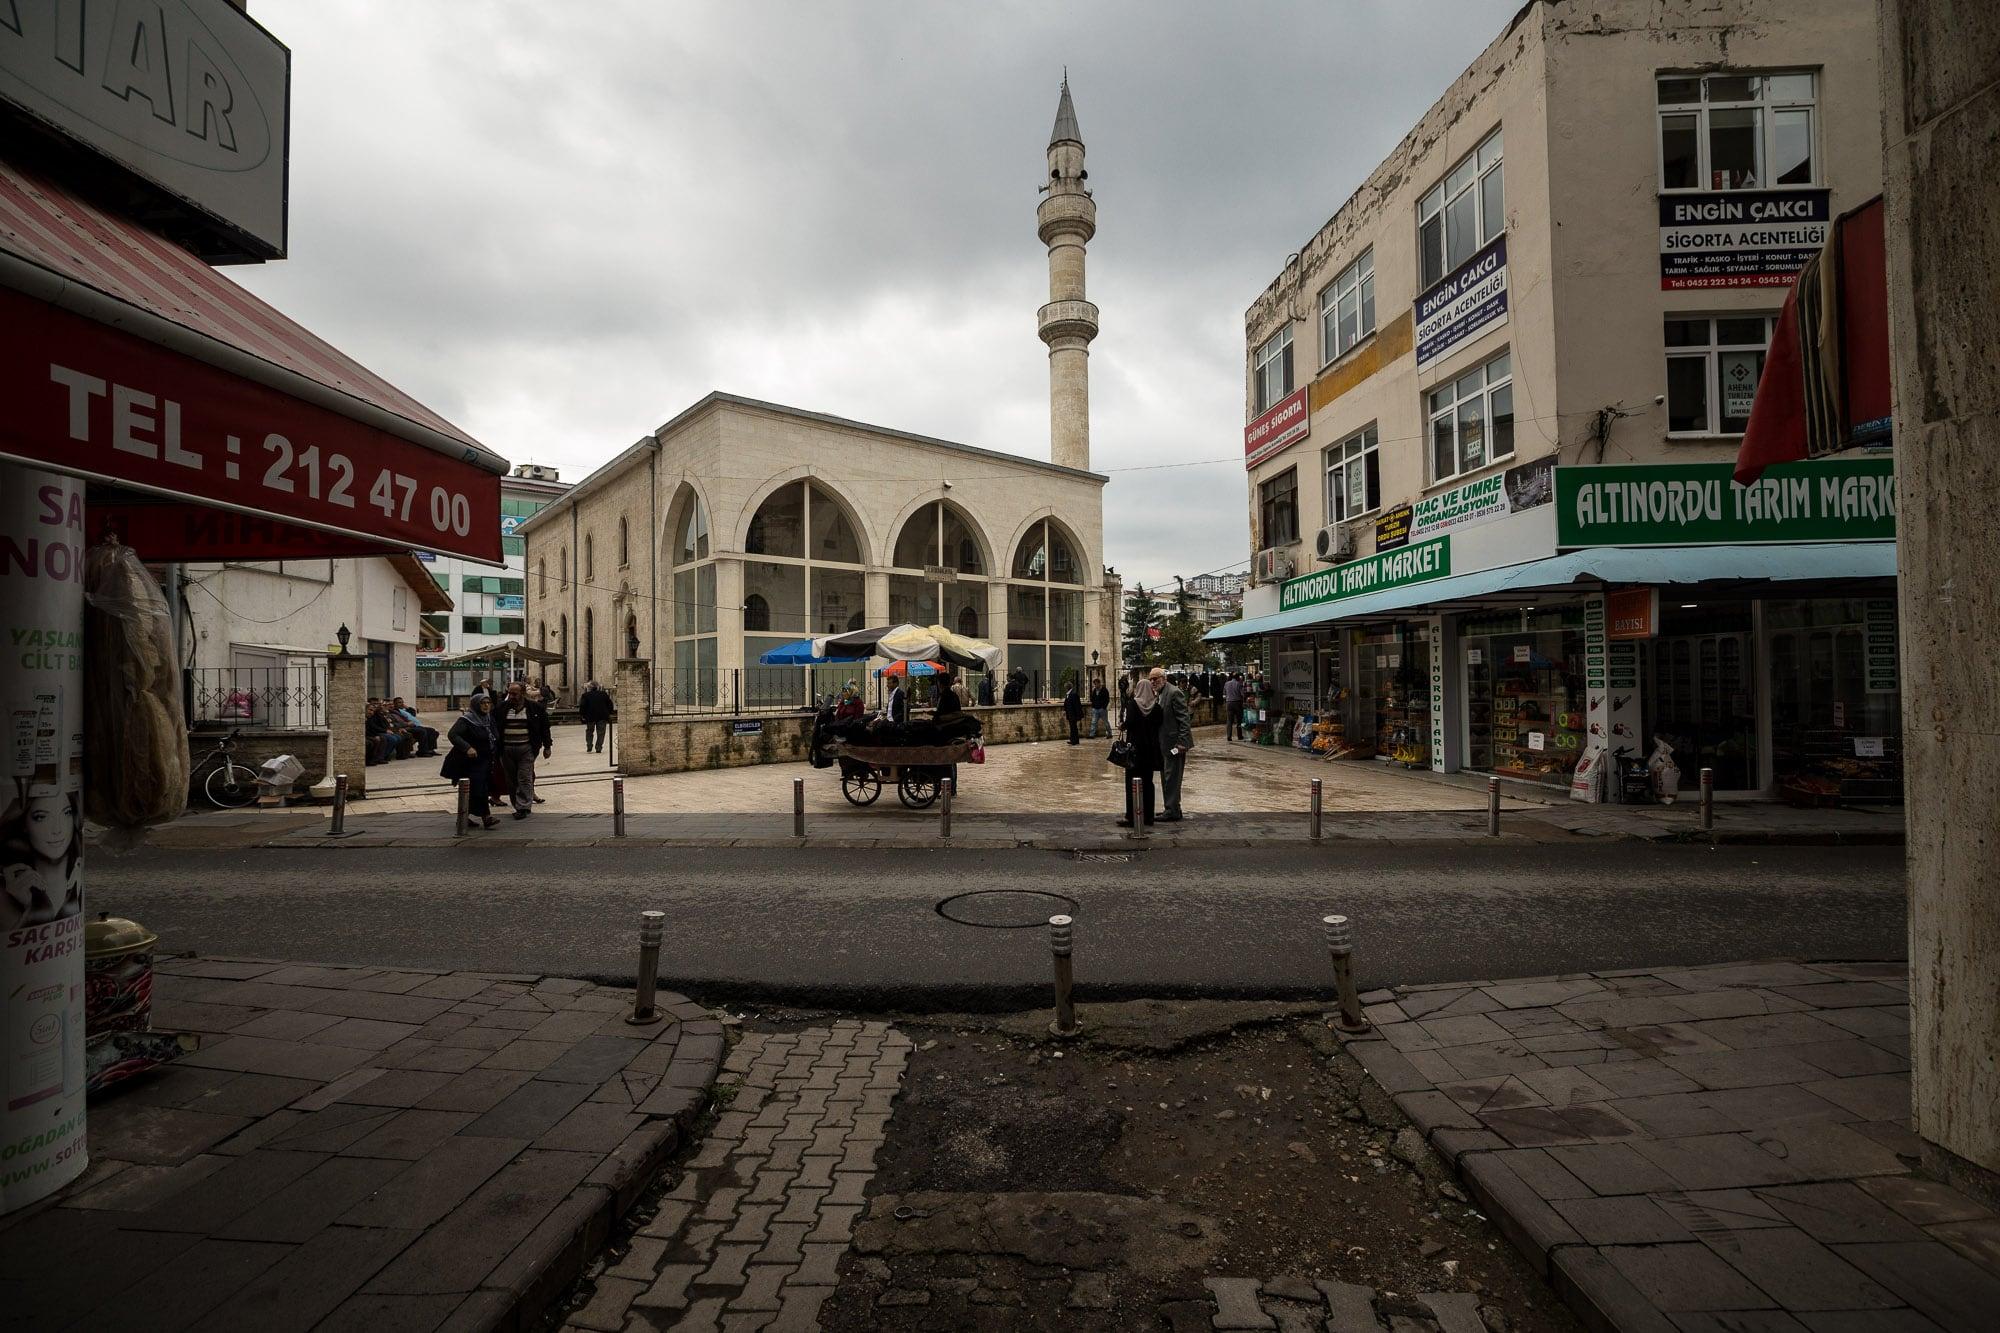 Atik Ibrahim Pasa mosque